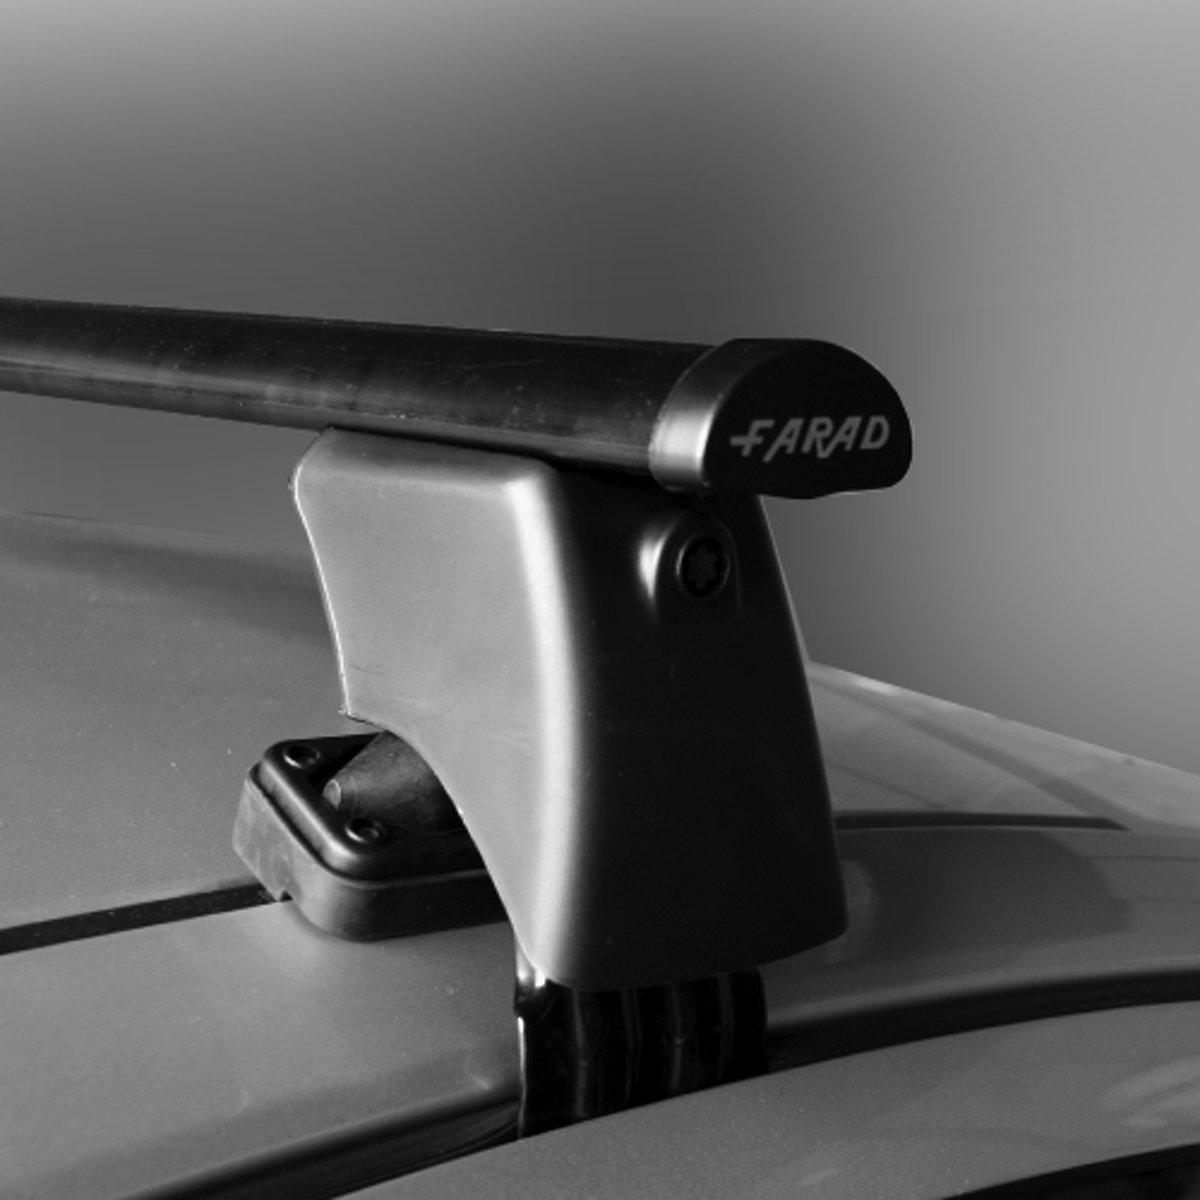 Dakdragers Ford S-Max MPV vanaf 2015 - Farad staal kopen